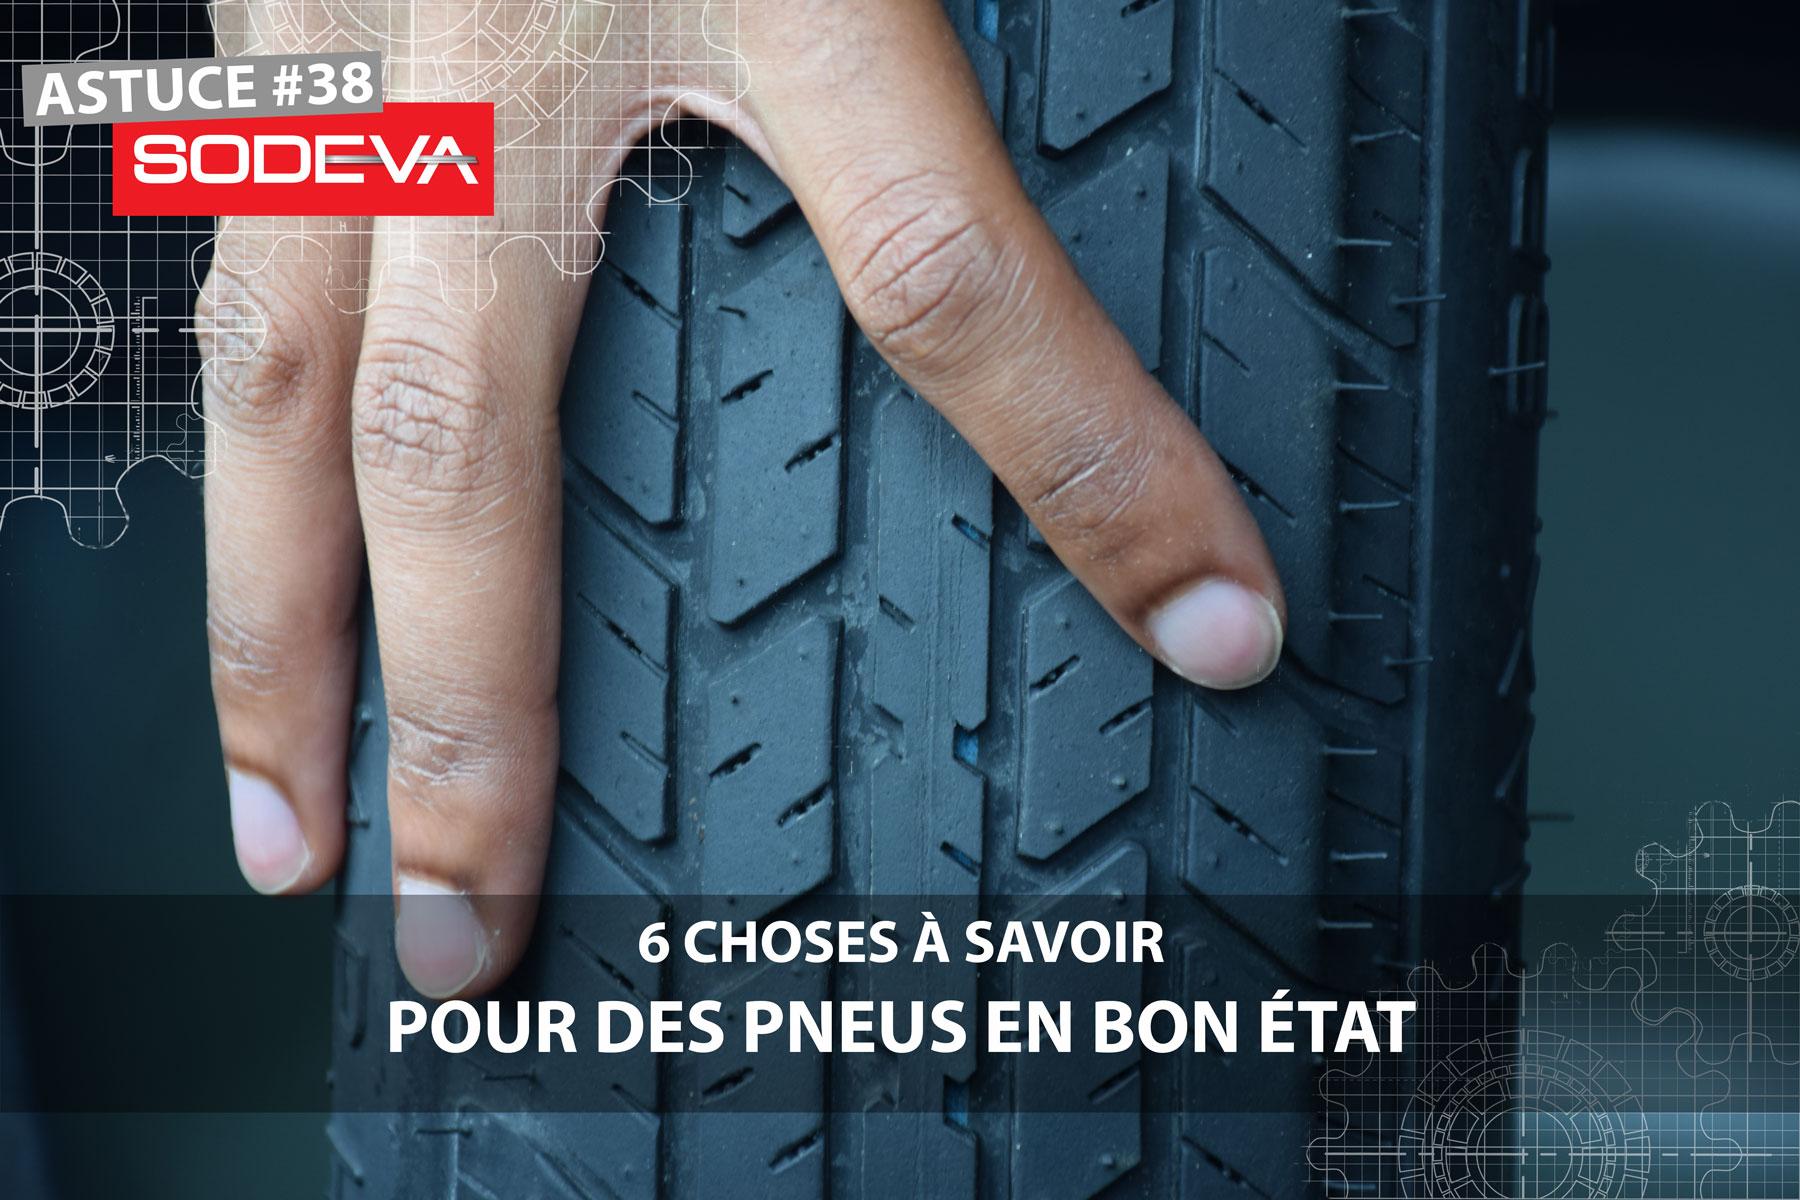 6 choses a savoir pour des pneus en bon etat